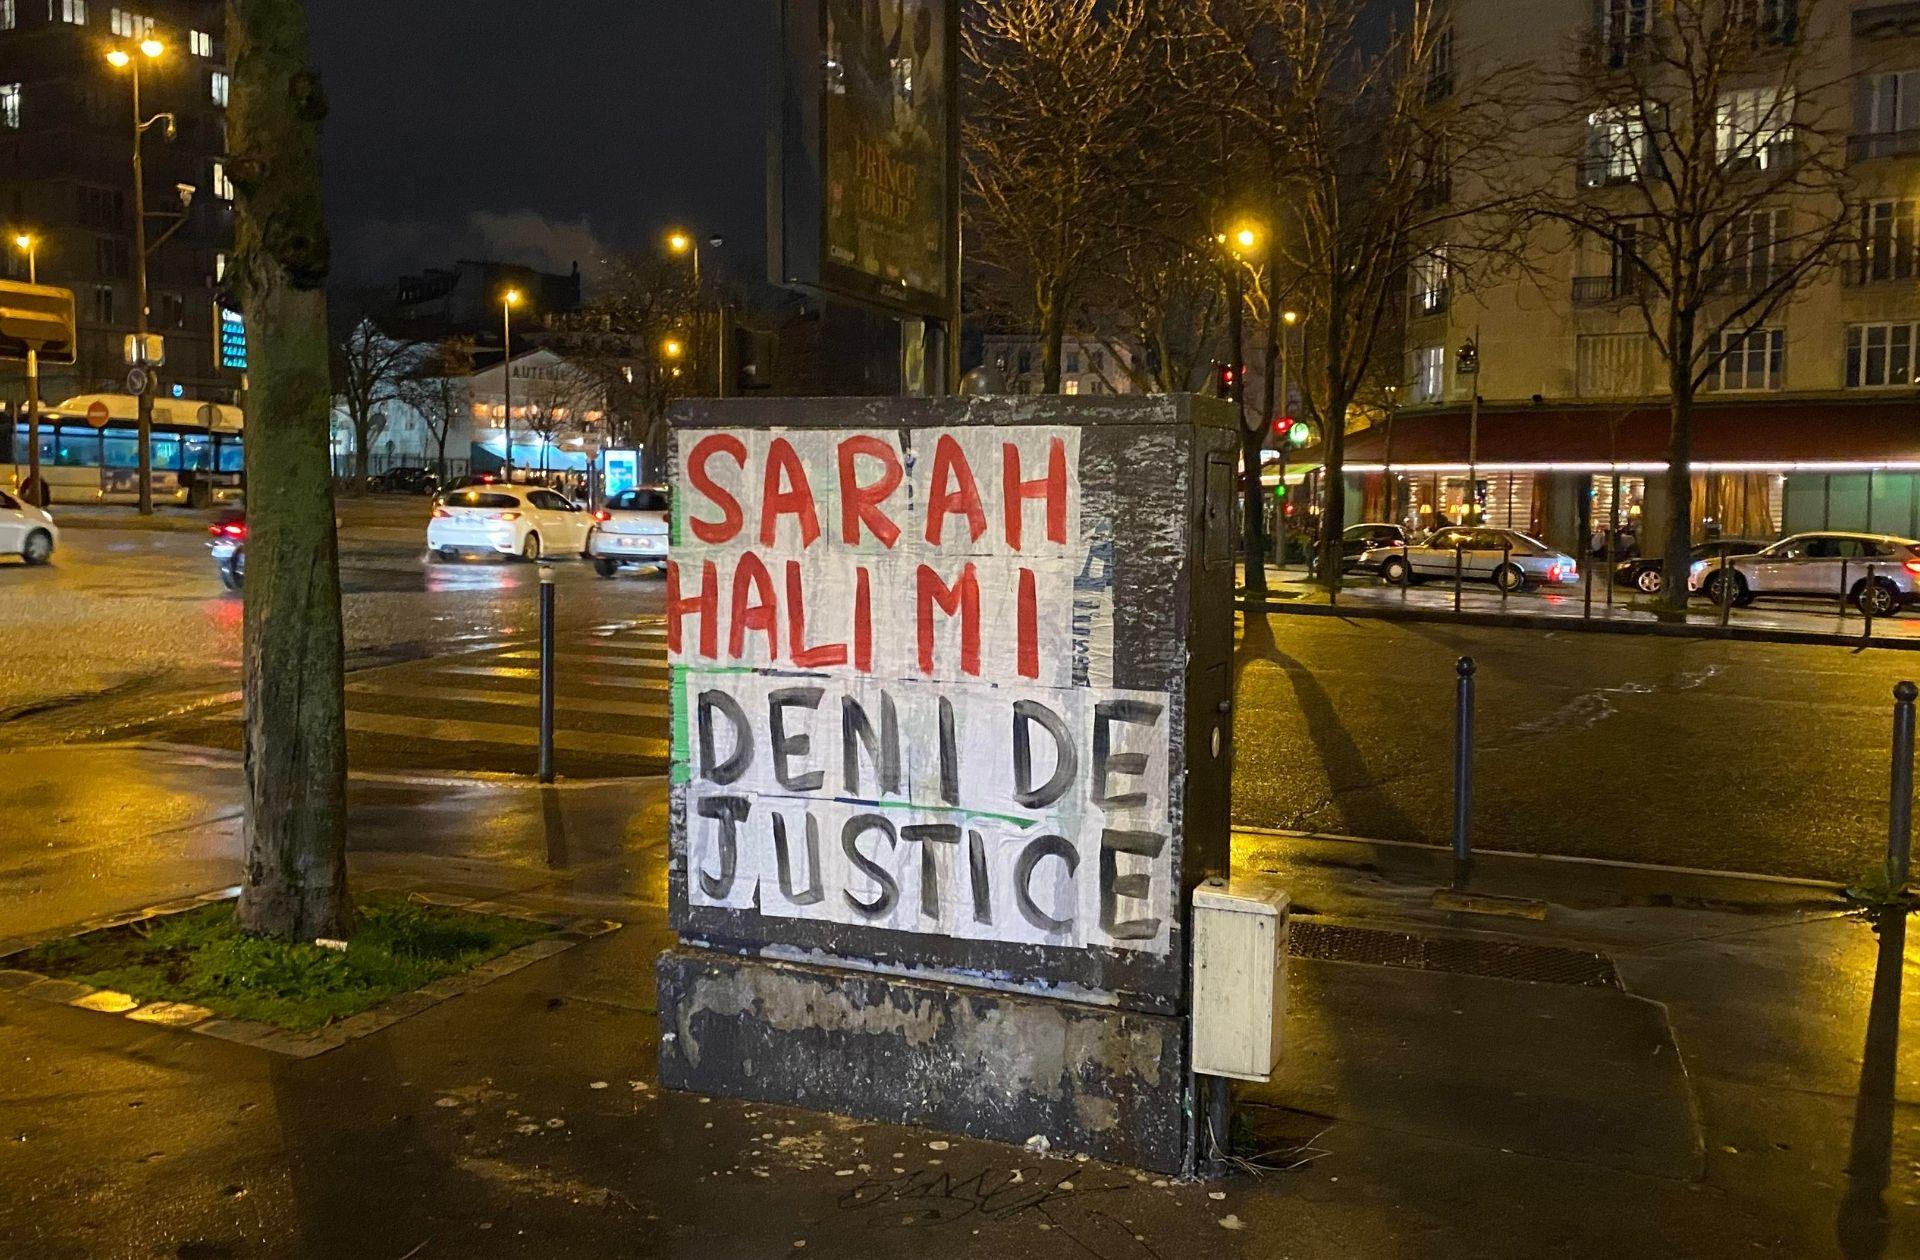 L'affaire Sarah Halimiest-elle un déni de justice?